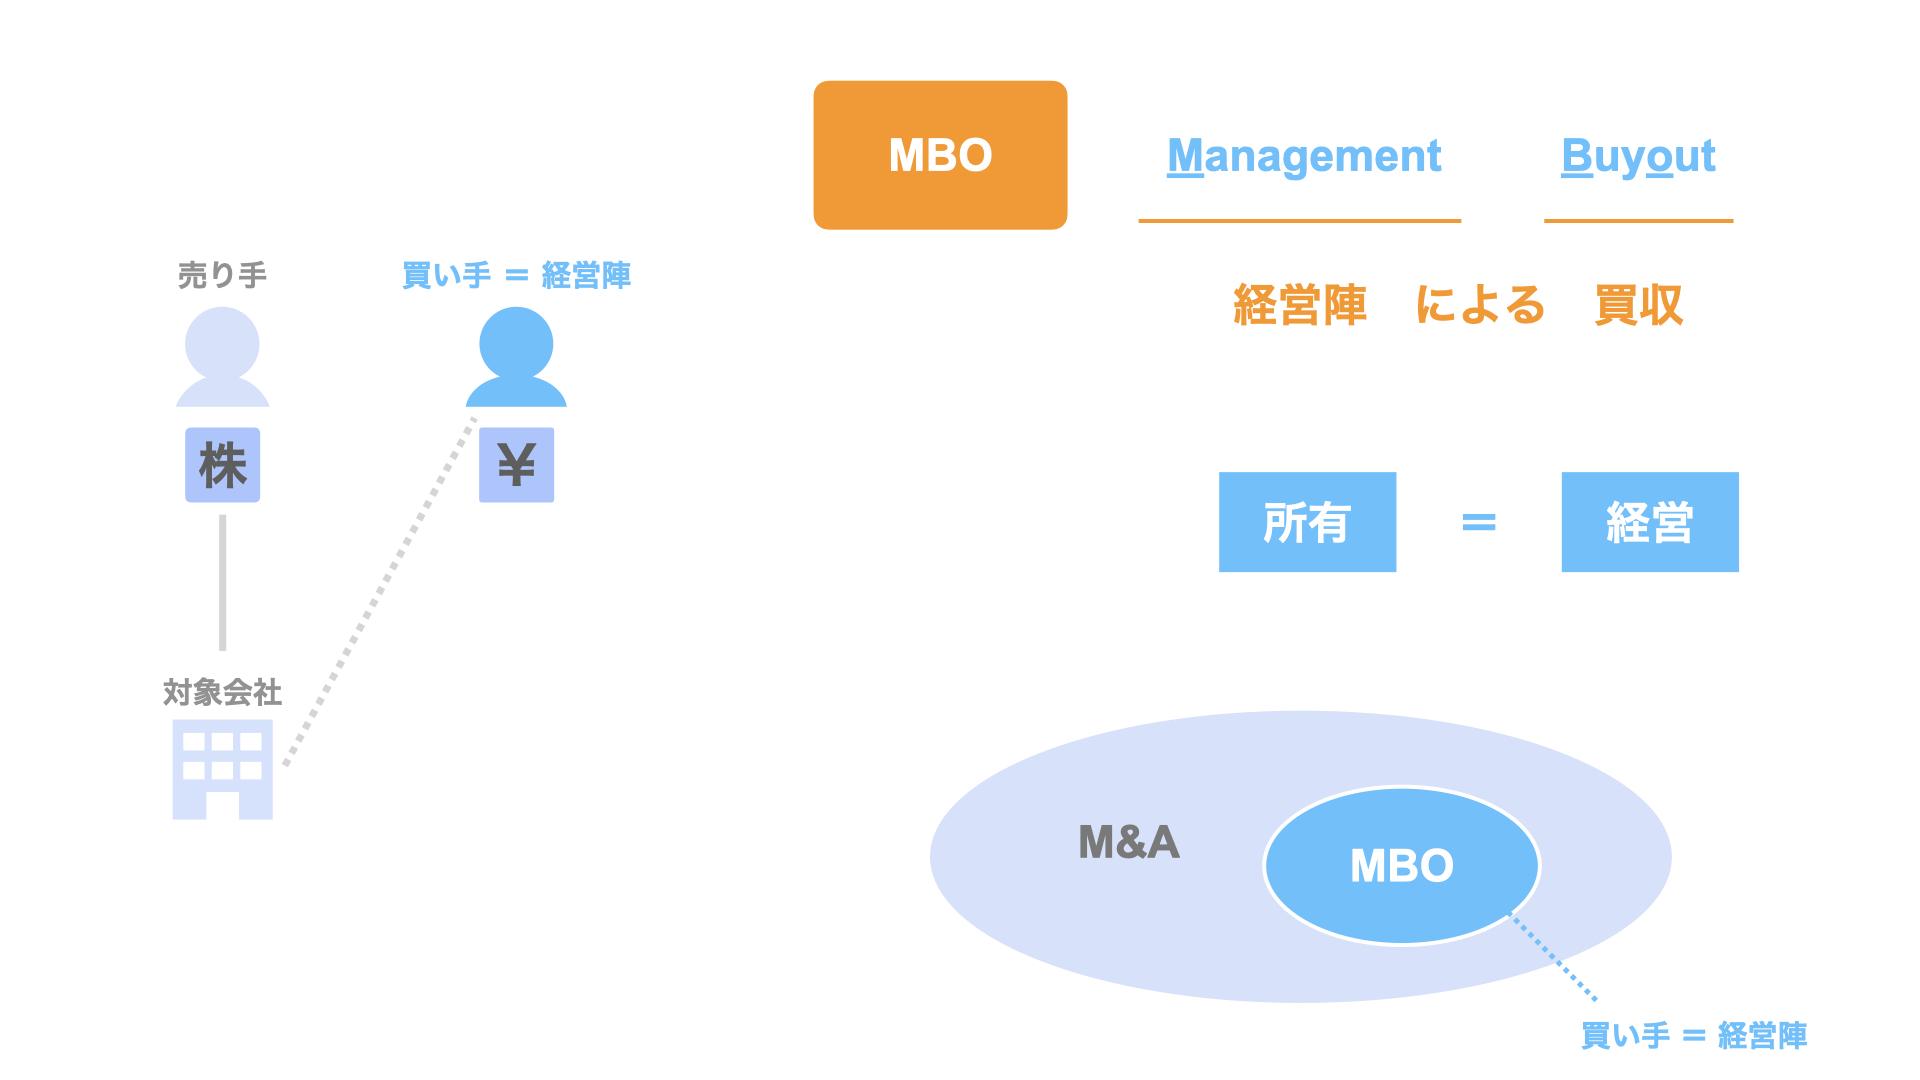 MBOとは?活用場面やスキーム、メリット・デメリットなど